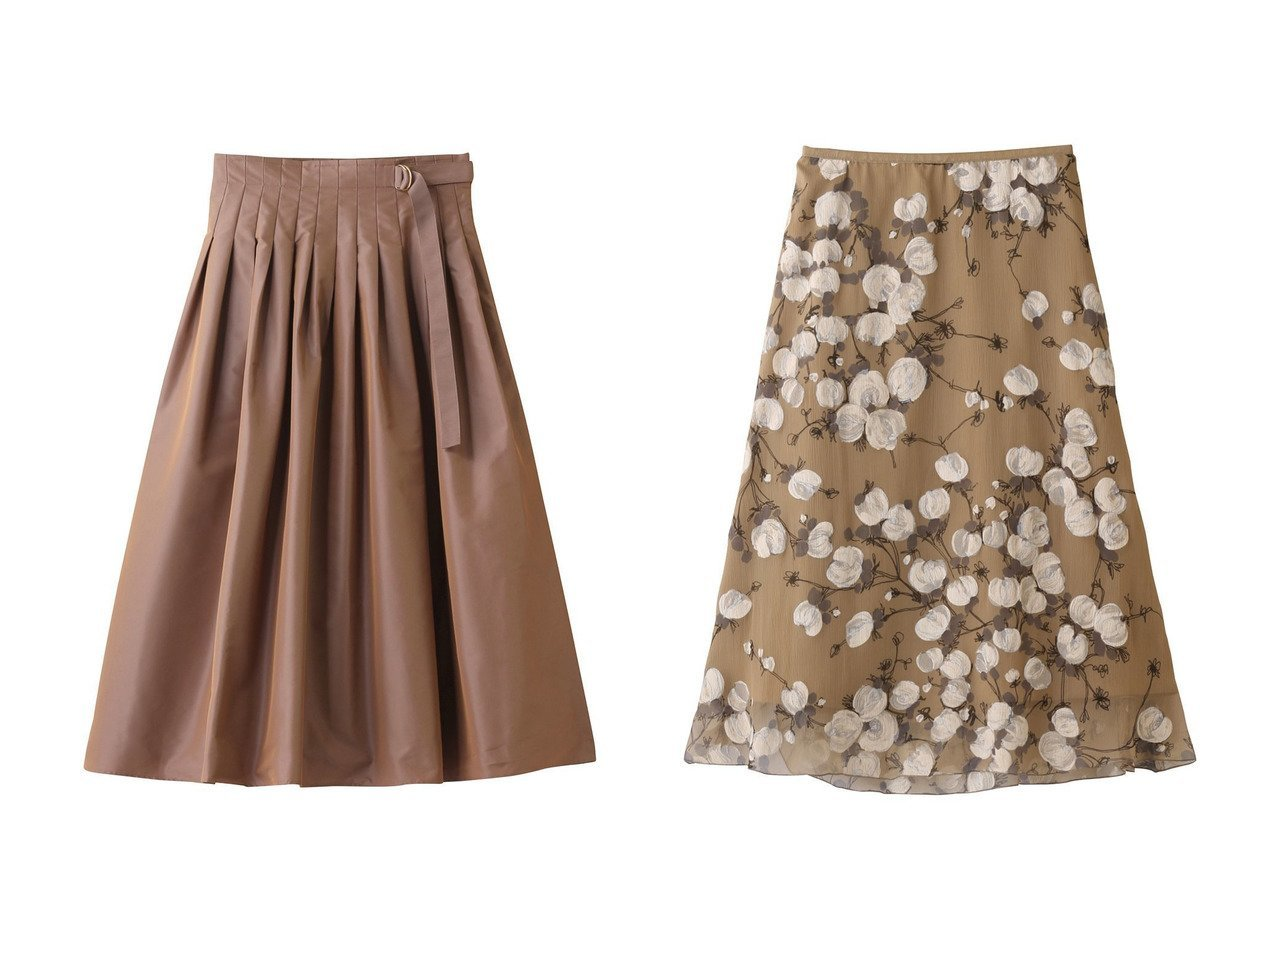 【ANAYI/アナイ】のシャンブレータフタタックスカート&ペイントフラワーPTナロースカート 【スカート】おすすめ!人気、トレンド・レディースファッションの通販 おすすめで人気の流行・トレンド、ファッションの通販商品 インテリア・家具・メンズファッション・キッズファッション・レディースファッション・服の通販 founy(ファニー) https://founy.com/ ファッション Fashion レディースファッション WOMEN スカート Skirt ロングスカート Long Skirt 2020年 2020 2020-2021秋冬・A/W AW・Autumn/Winter・FW・Fall-Winter/2020-2021 2021年 2021 2021-2022秋冬・A/W AW・Autumn/Winter・FW・Fall-Winter・2021-2022 A/W・秋冬 AW・Autumn/Winter・FW・Fall-Winter パーティ ロング |ID:crp329100000067683